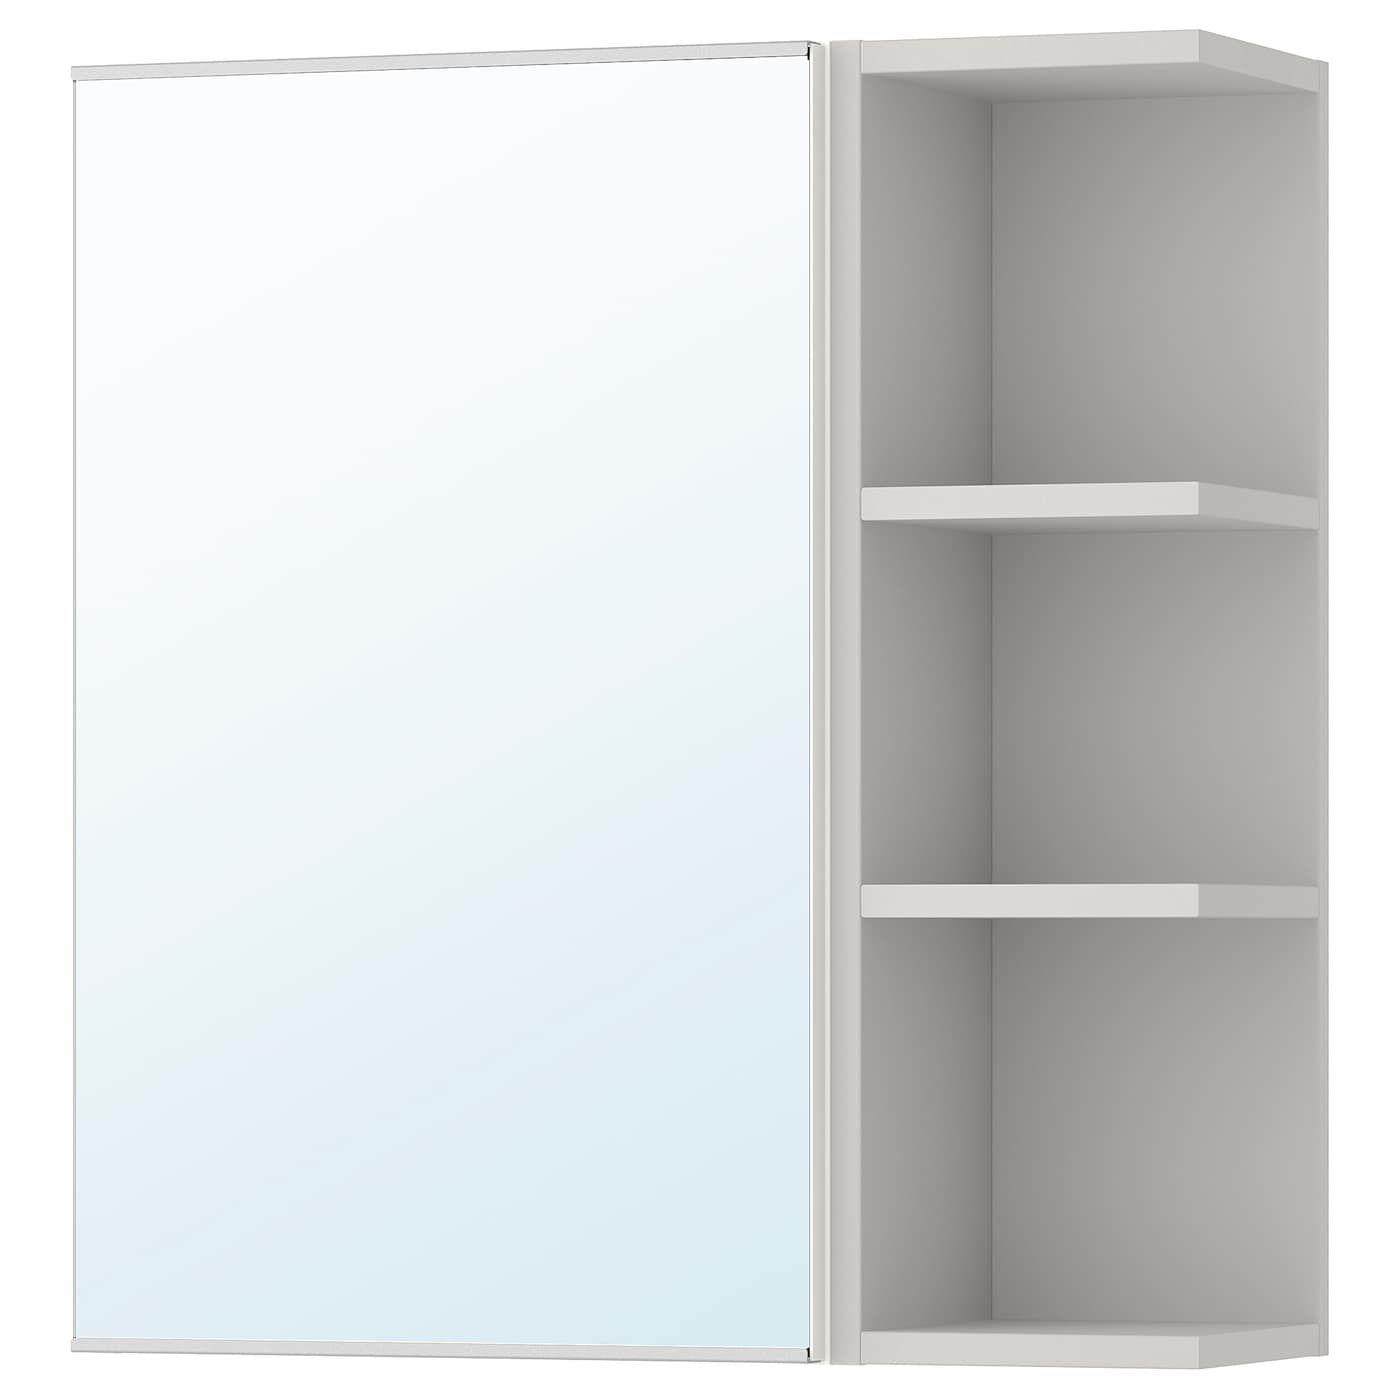 Lillangen Spiegelschrank 1 Tur 1 Abschlregal Weiss Grau Ikea Osterreich Badezimmer Spiegelschrank Spiegelschrank Und Badspiegel Beleuchtet